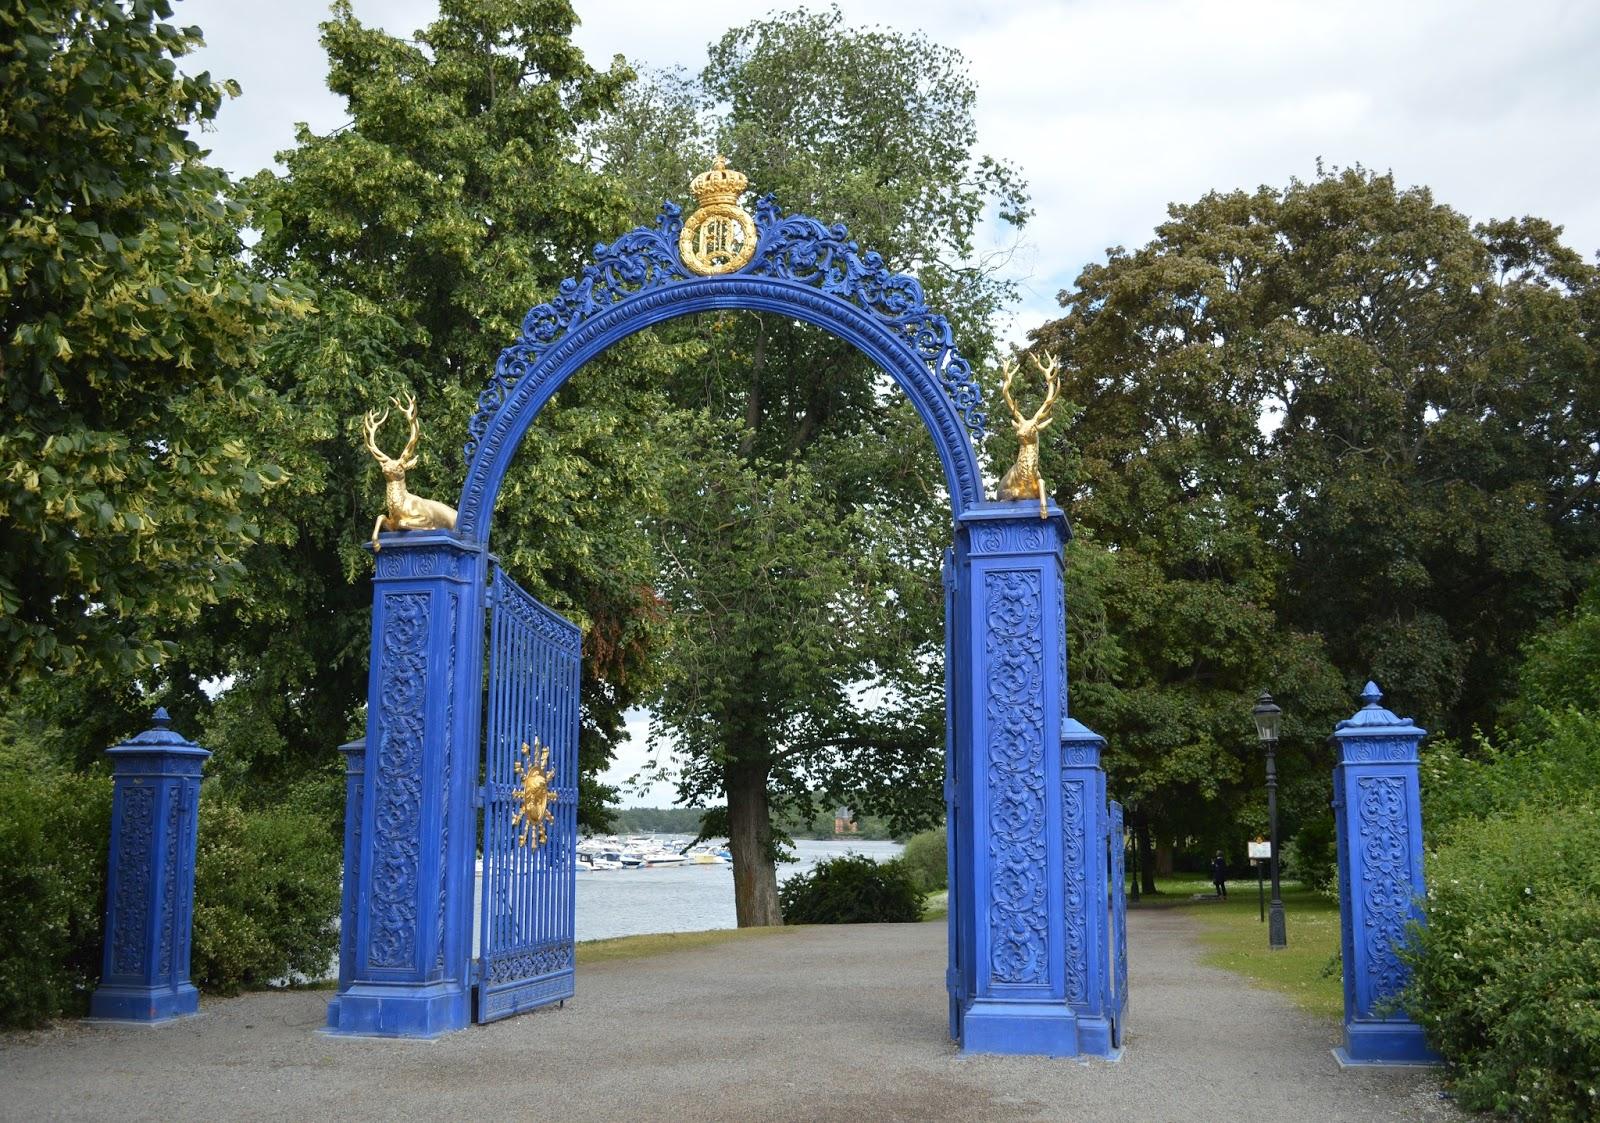 Blue gate entrance for Djurgården park island in Stockholm